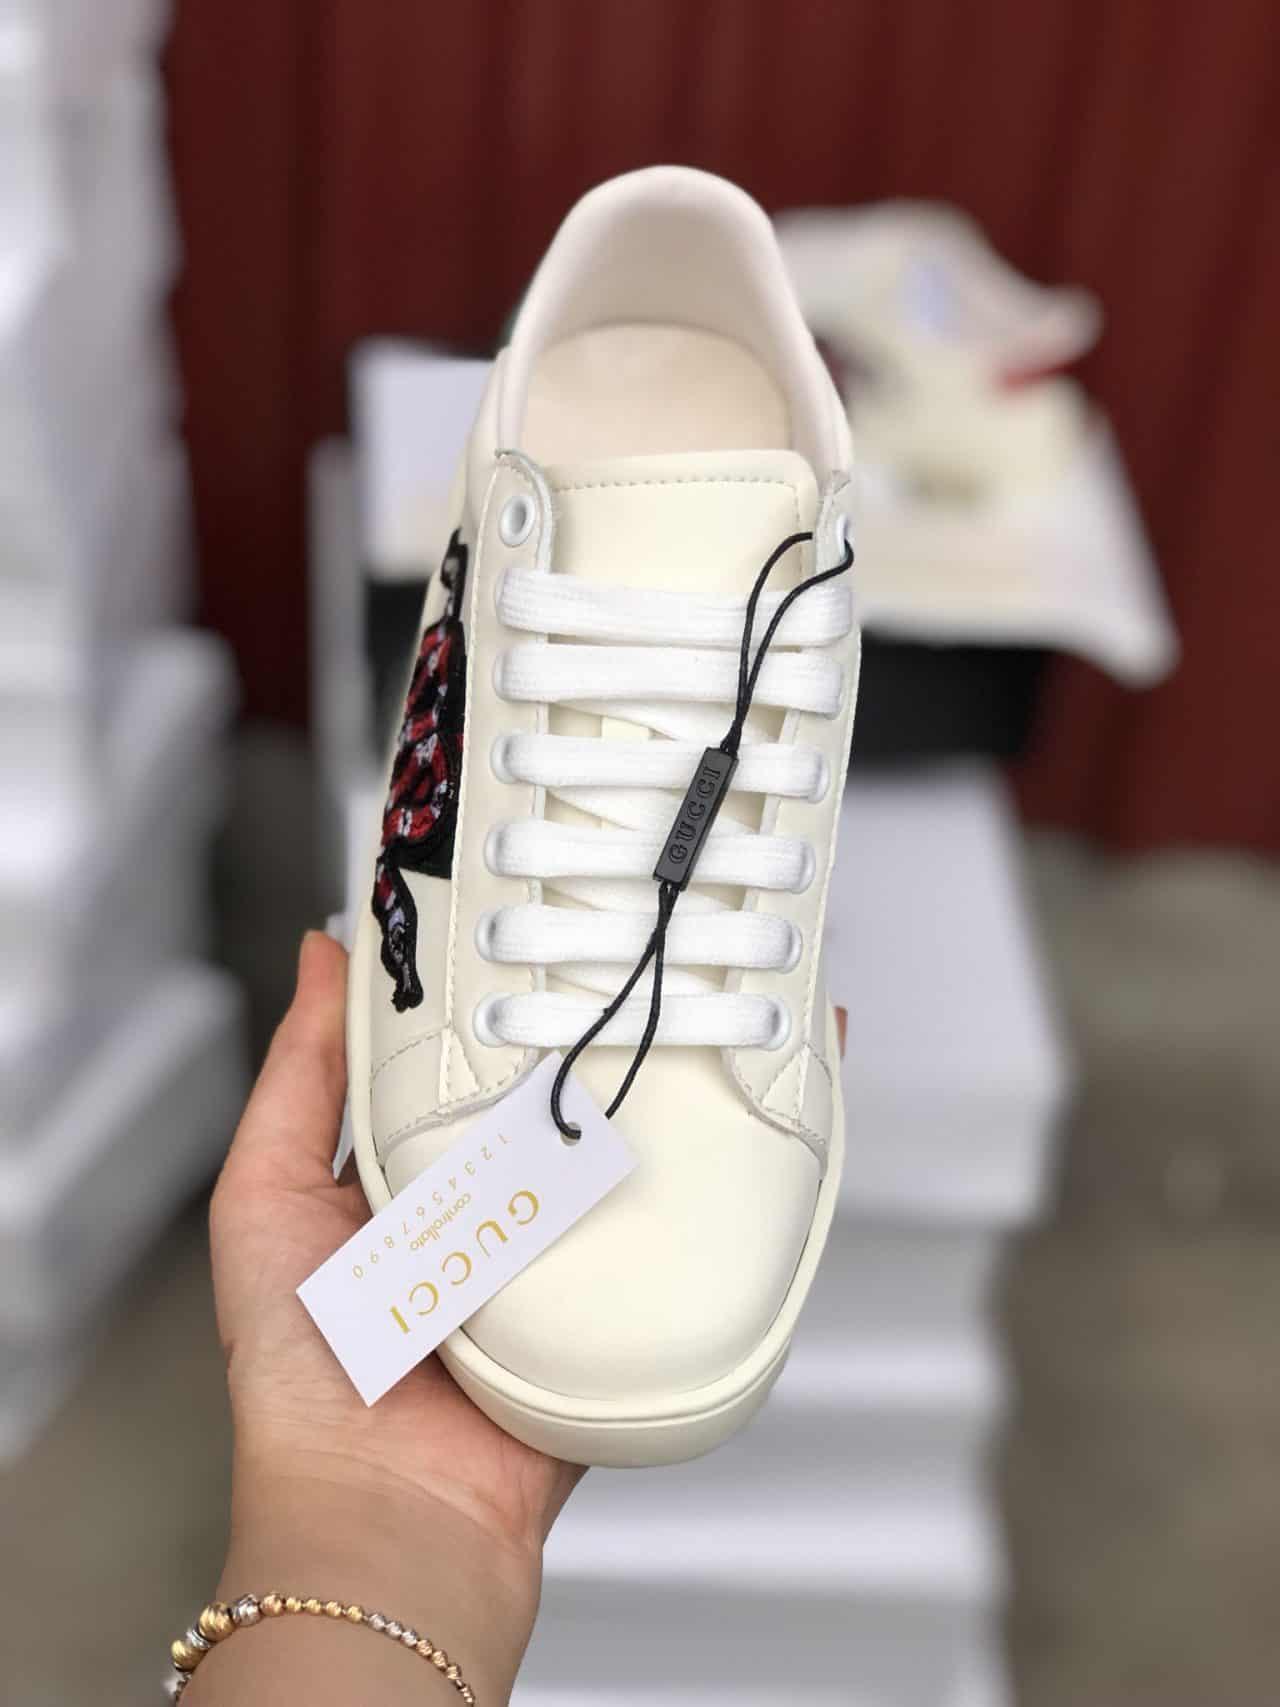 Giày Gucci Rắn rep 1:1 có thiết kế theo phong cách năng động và đầy ấn tượng